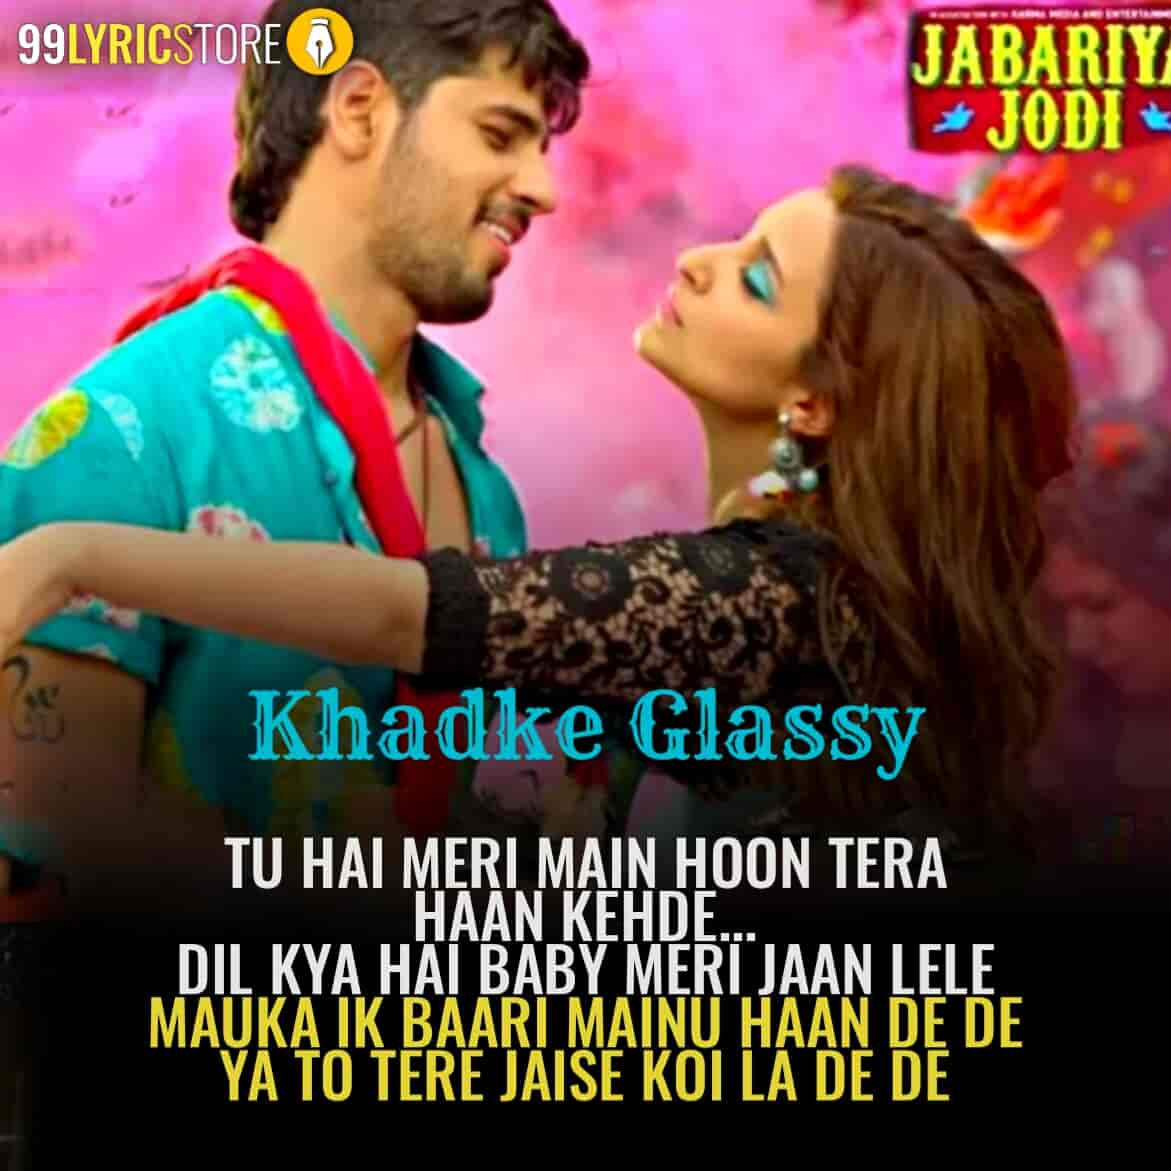 Khadke Glassy Lyrics Song From movie Jabariya Jodi